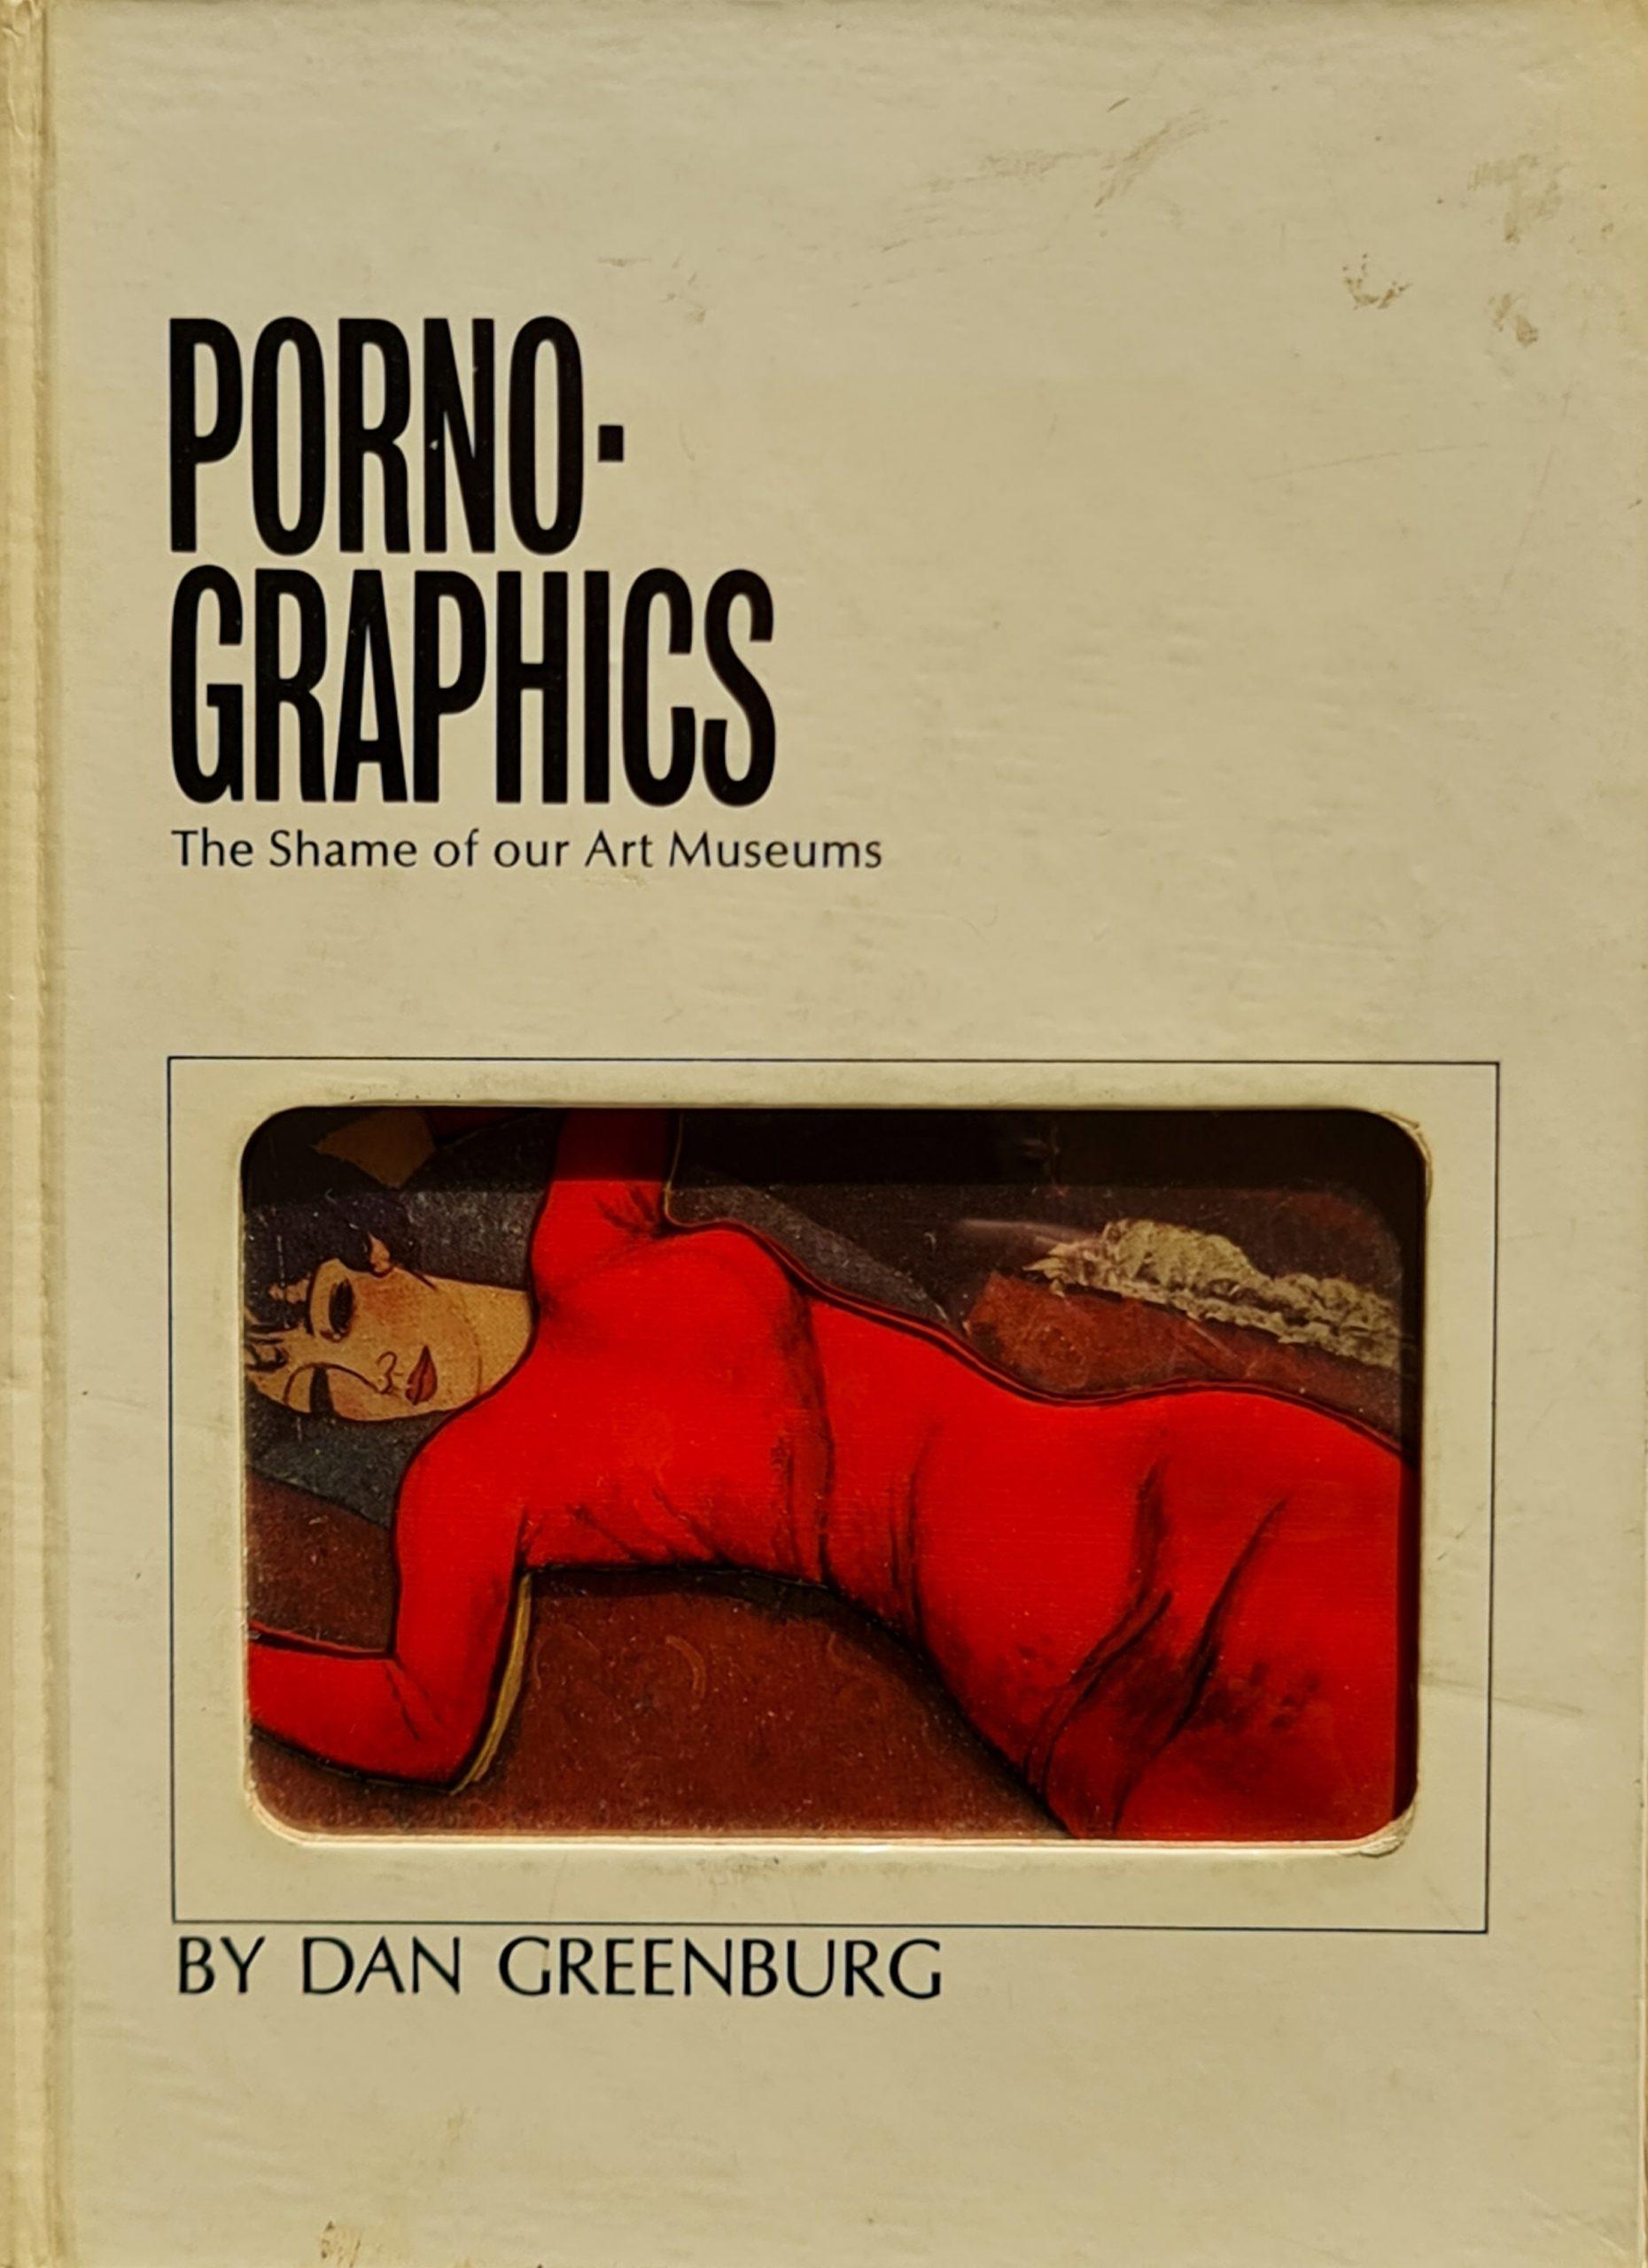 porno-graphics the shame of our art museums pornographics dan greenburg porno graphics dan greenburg pornographics book porno graphics boek greenburg skoander.com